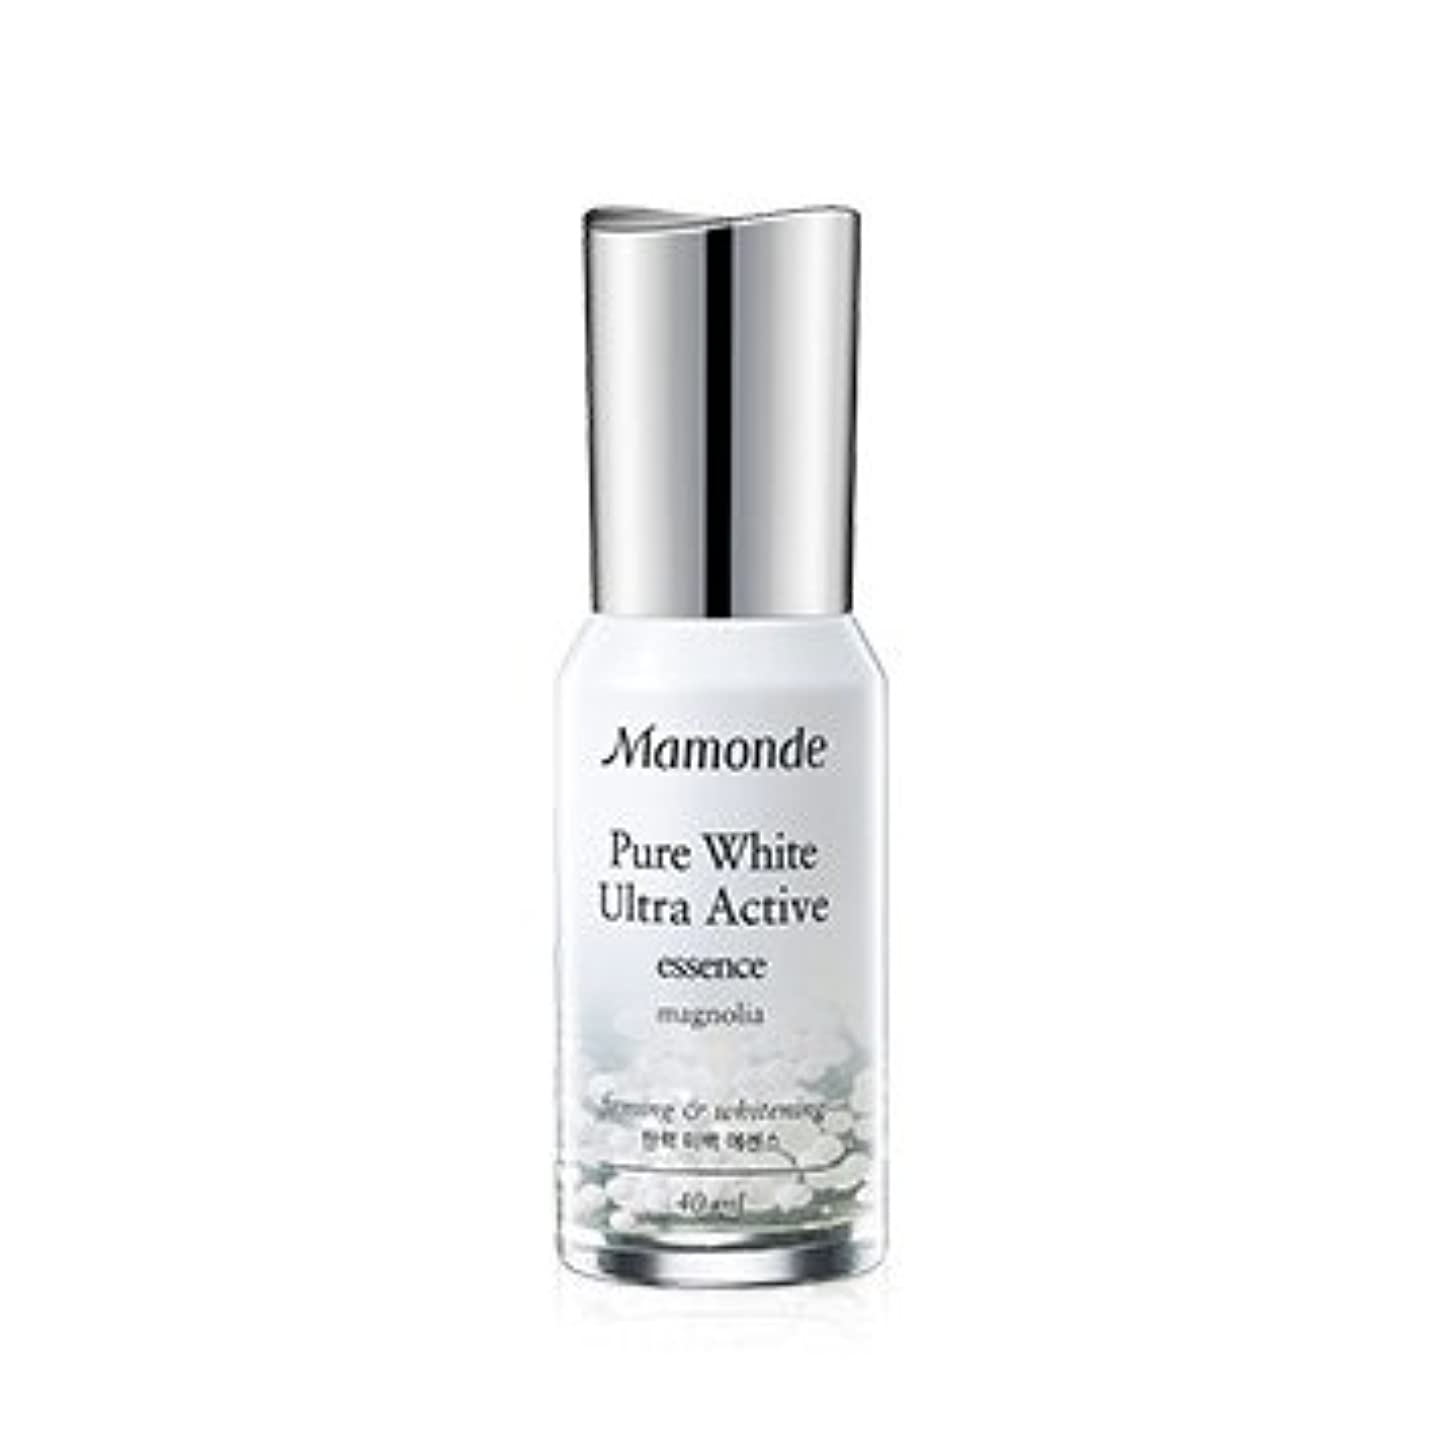 醜い任意任意Mamonde Pure White Ultra Active Essence 40ml/マモンド ピュア ホワイト ウルトラ アクティブ エッセンス 40ml [並行輸入品]